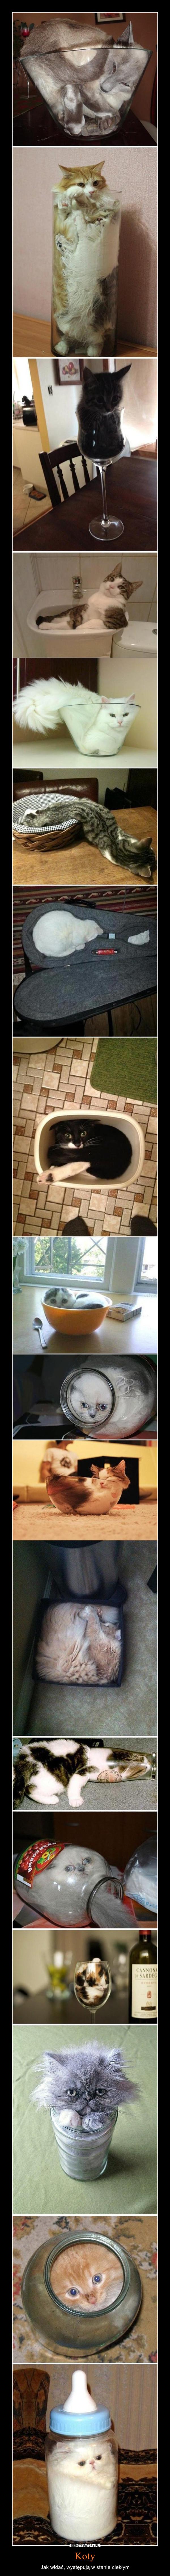 Koty – Jak widać, występują w stanie ciekłym